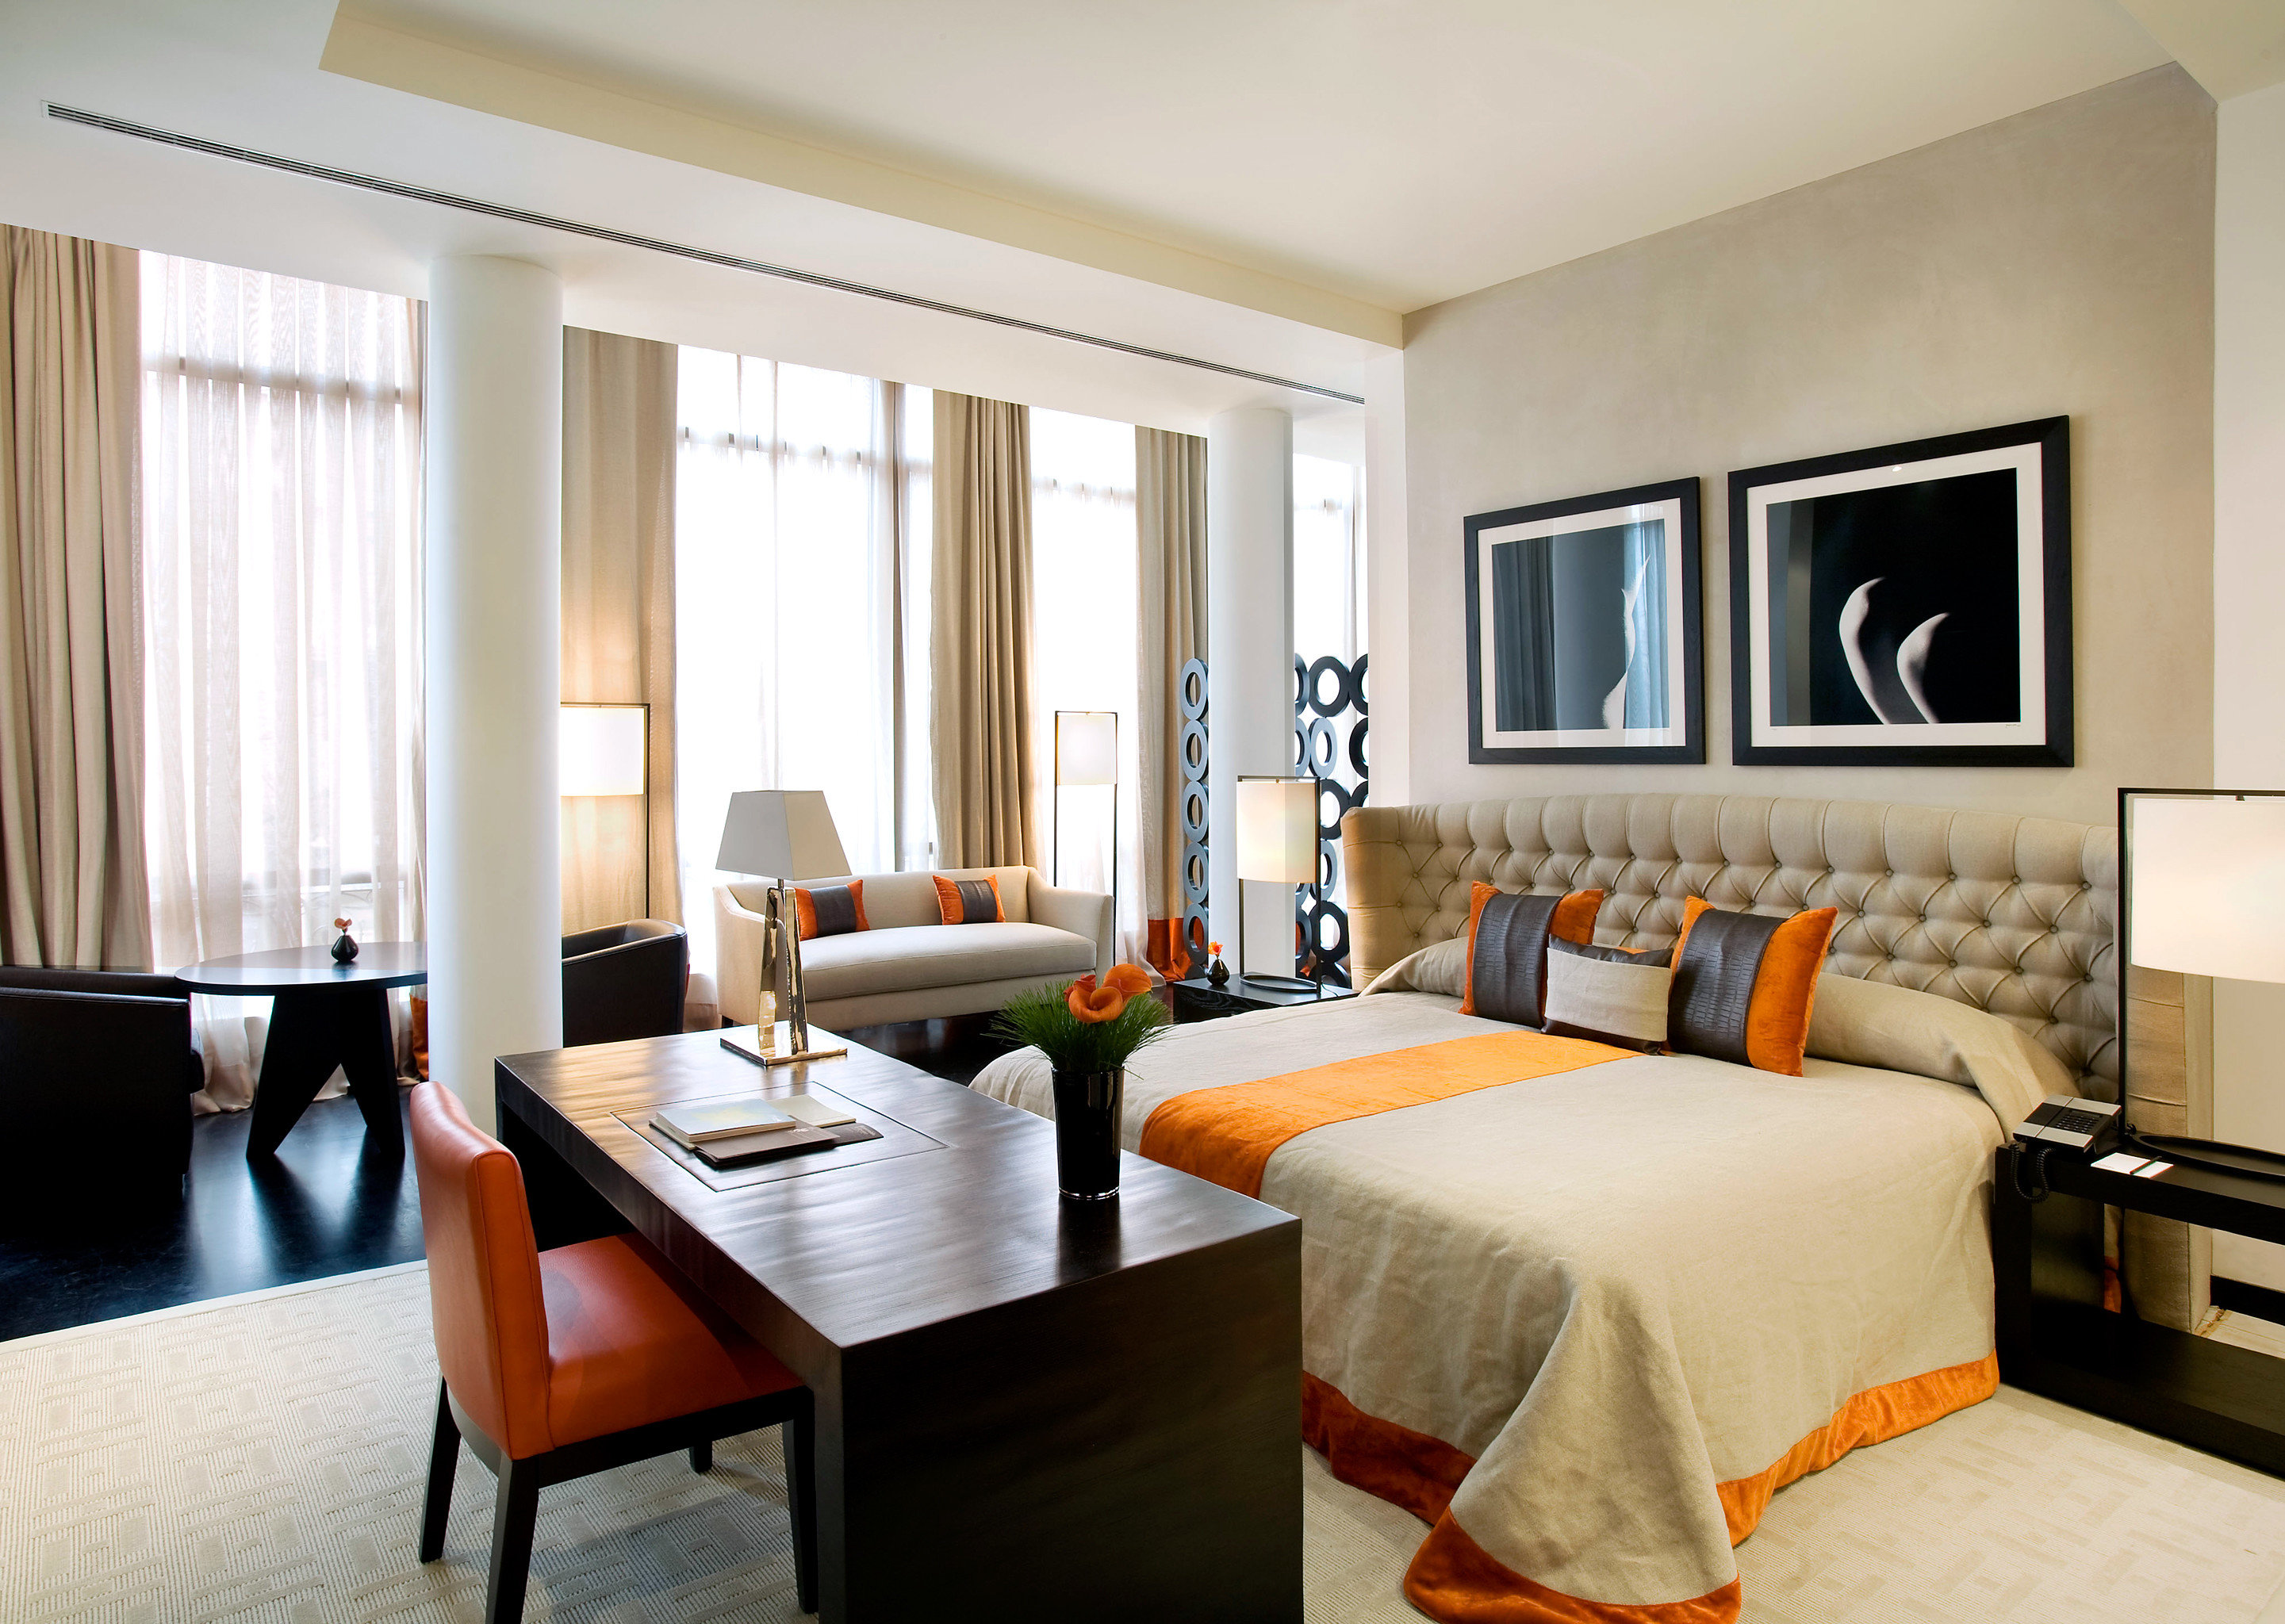 Bedroom Boutique Hotels Budget City Modern Suite Indoor Wall Floor Room Window Sofa Ceiling